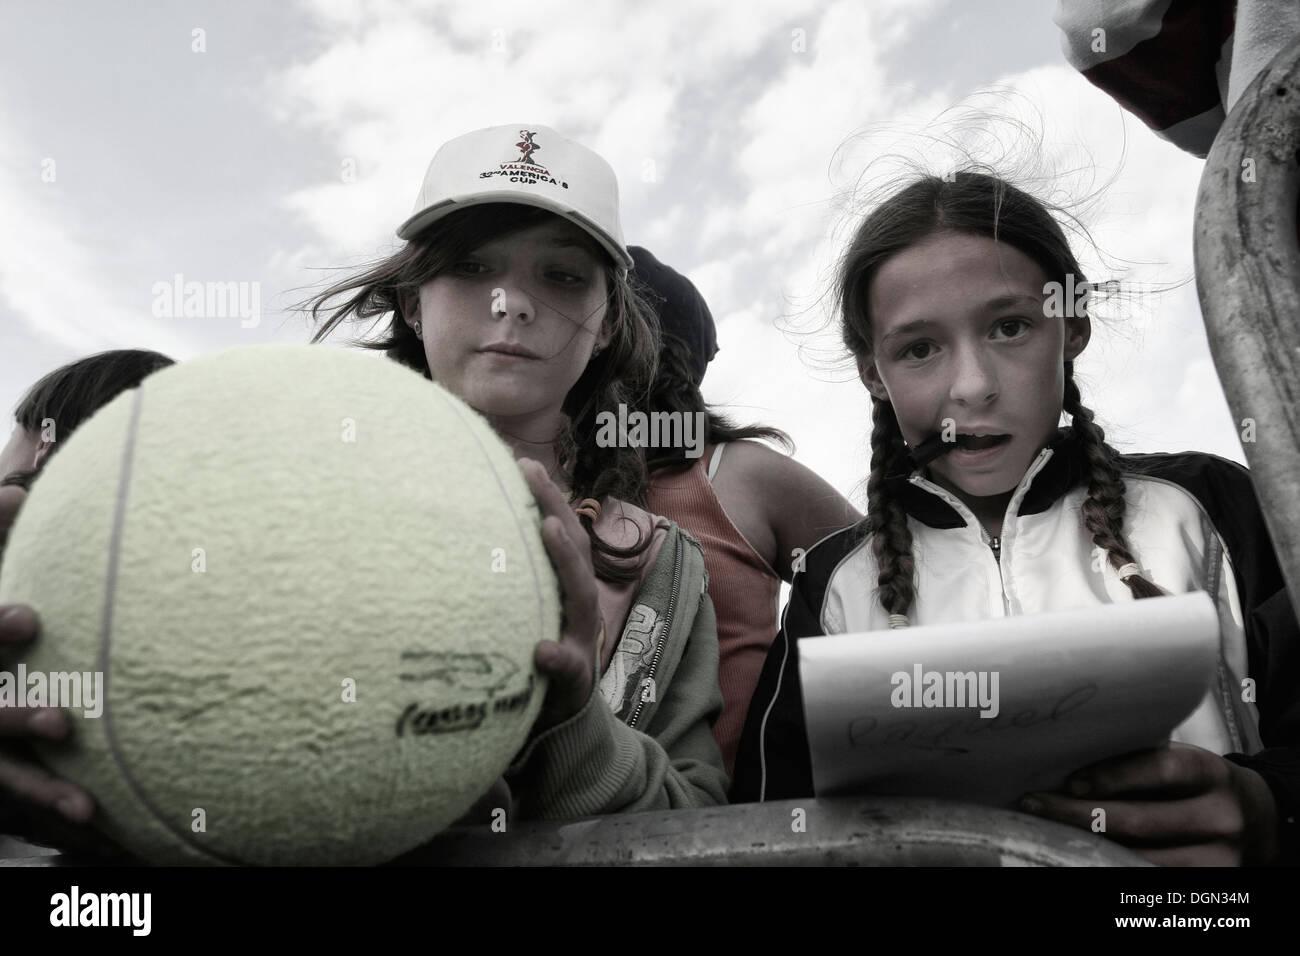 Los jóvenes a los aficionados al tenis esperan a los jugadores en torno a venir a pedir su autógrafo en un torneo local en Mallorca, España Foto de stock